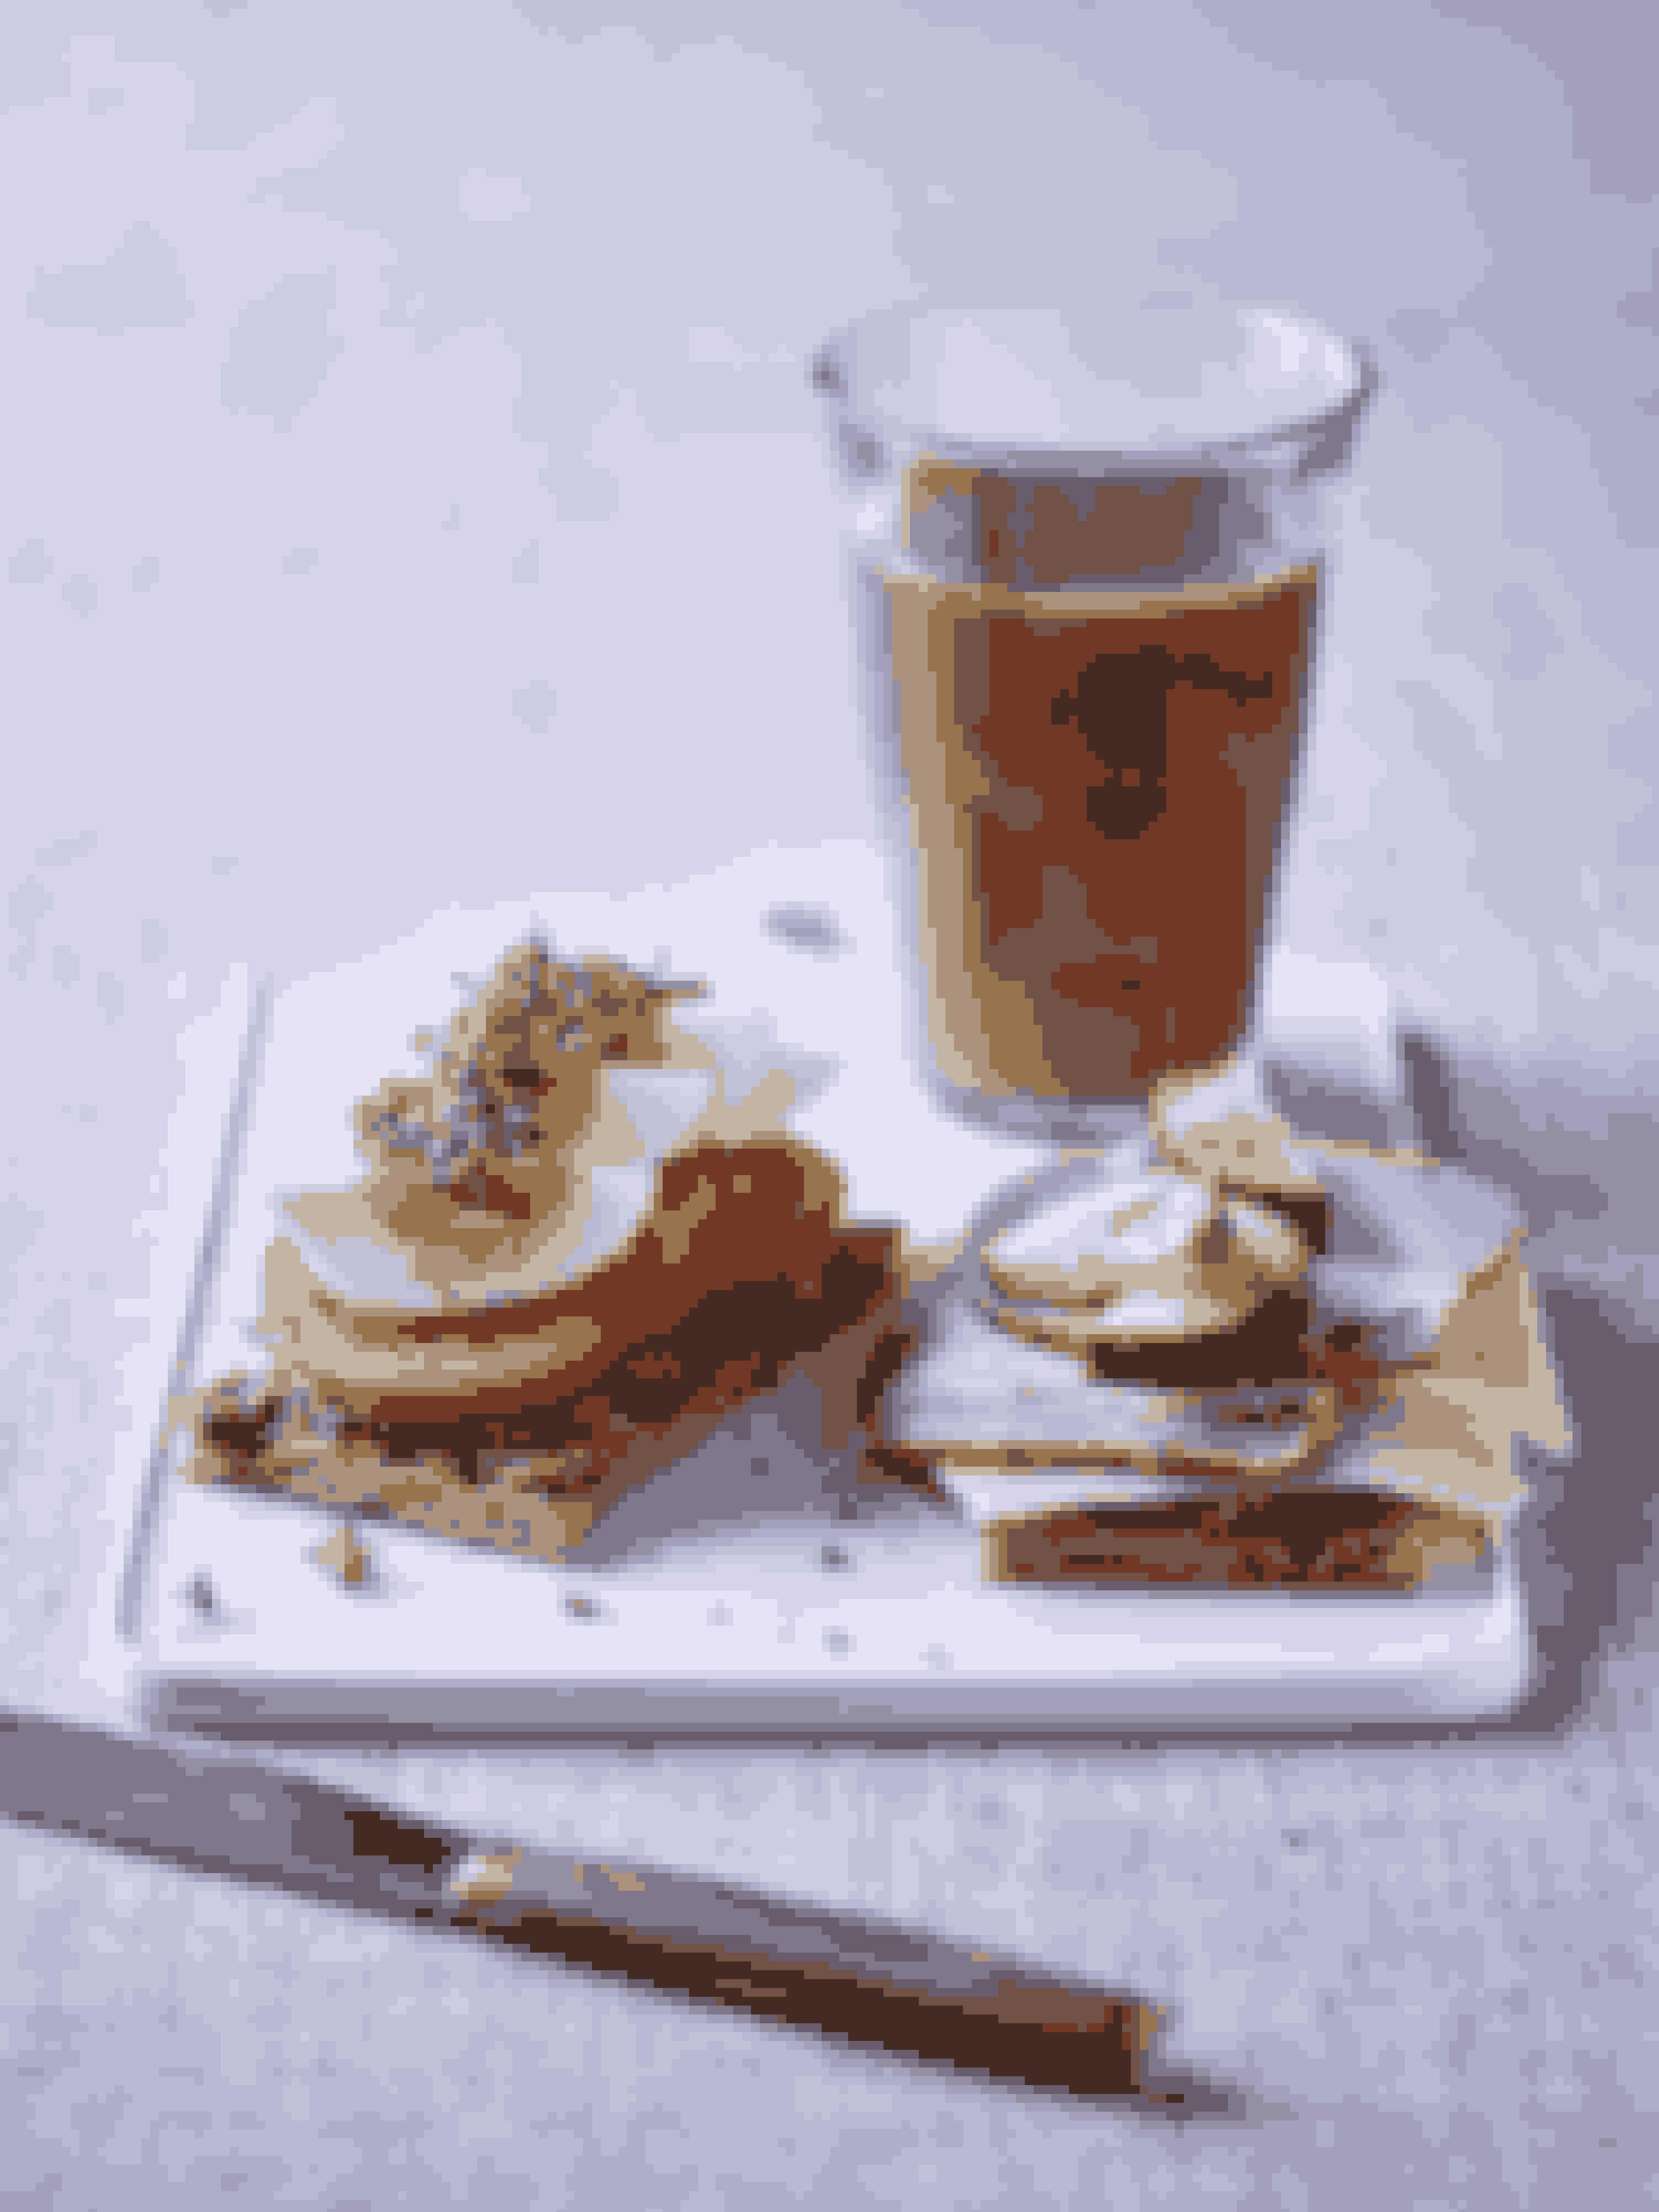 Tilberedningstid: 5-10 minutterMængde: 1 personDet skal du bruge1 skive fuldkornsknækbrød1 spsk. grøn pesto (cirka 15 g)1 tomat1 kogt æg1 spsk. karse1 skive fuldkornsknækbrød1 spsk. rød pesto (cirka 15 g)2 skiver mager ost max. 30+2 skiver hamburgerryg2 skiver agurkLidt peber½ dl minimælk (valgfrit)1 krus kaffe/teSådan gør duSmør det ene stykke knækbrød med grøn pesto. Skær tomaten i skiver og ægget i både og læg det på knækbrødet. Pynt med karse.Smør det andet stykke knækbrød med rød pesto. Læg ost, hamburgerryg og agurk på knækbrødet. Drys lidt peber på.Det bør der ligge på din tallerkenTo stykker knækbrød med pålæg. Dertil kaffe eller te - eventuelt med mælk.Sådan fordeler du efter Sense-tallerkenmodellenHåndfuld 1+(2):  Tomat, agurk, karseHåndfuld 3:  Æg, ost, hamburgerrygHåndfuld 4:  KnækbrødFedt:  Grøn pesto, rød pestoMælkeprodukt:  MinimælkSmagsgiver: PeberTip: Pesto giver masser af smag, men du kan fint bruge smør i stedet.